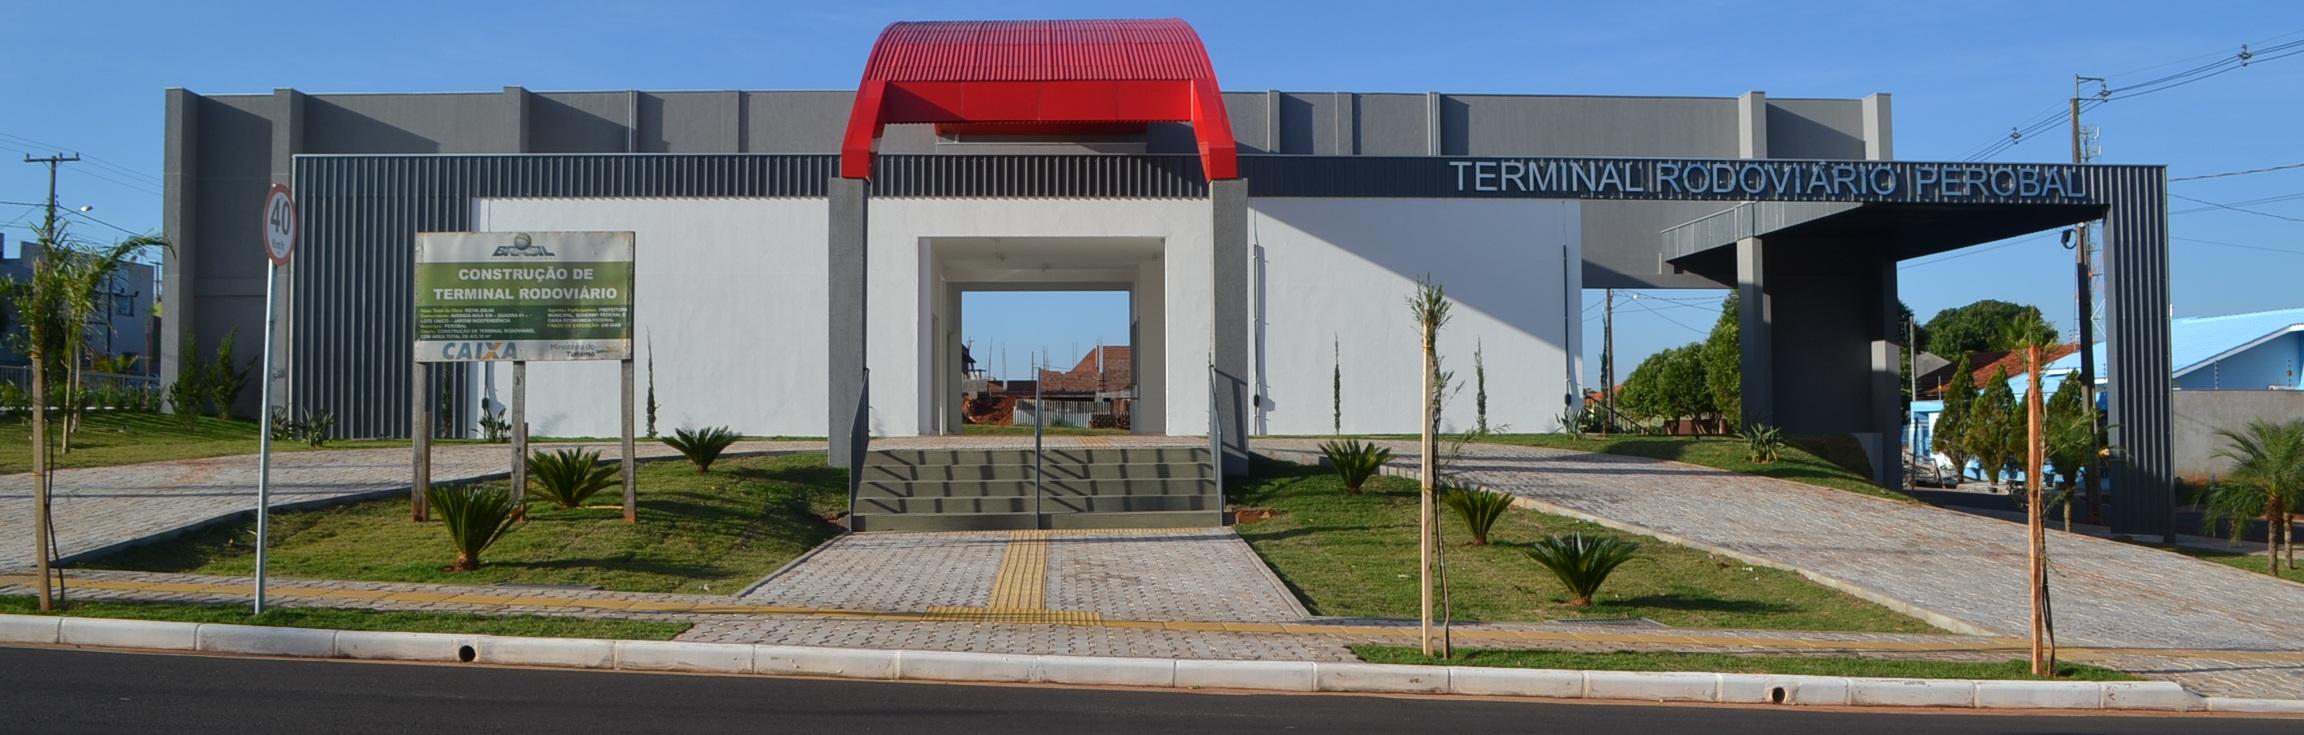 TERMINAL RODOVIÁRIO DE PEROBAL